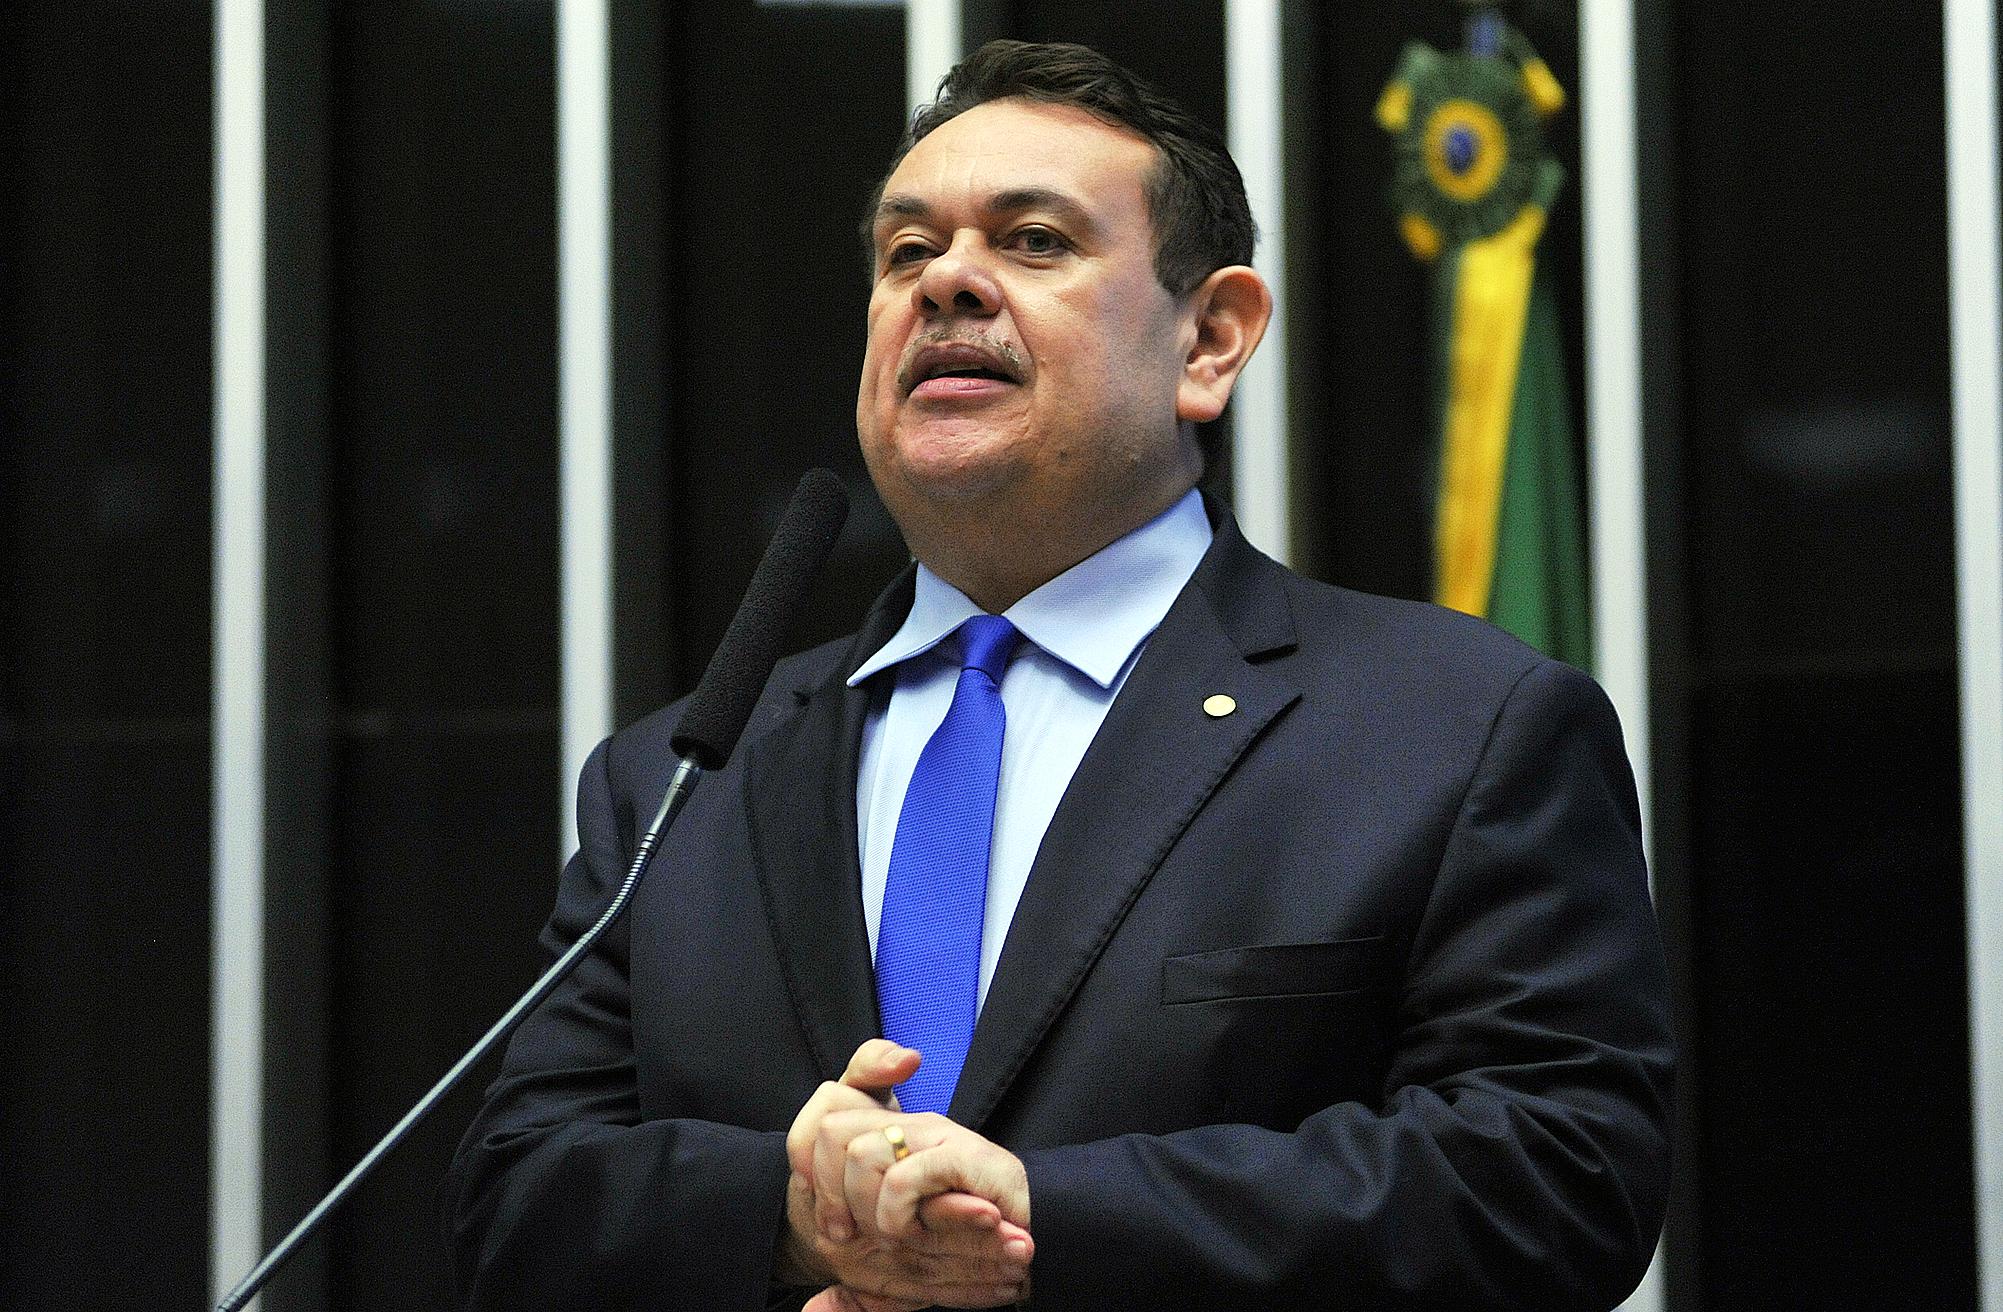 Grande Expediente - Dep. Silas Freire (PR-PI)